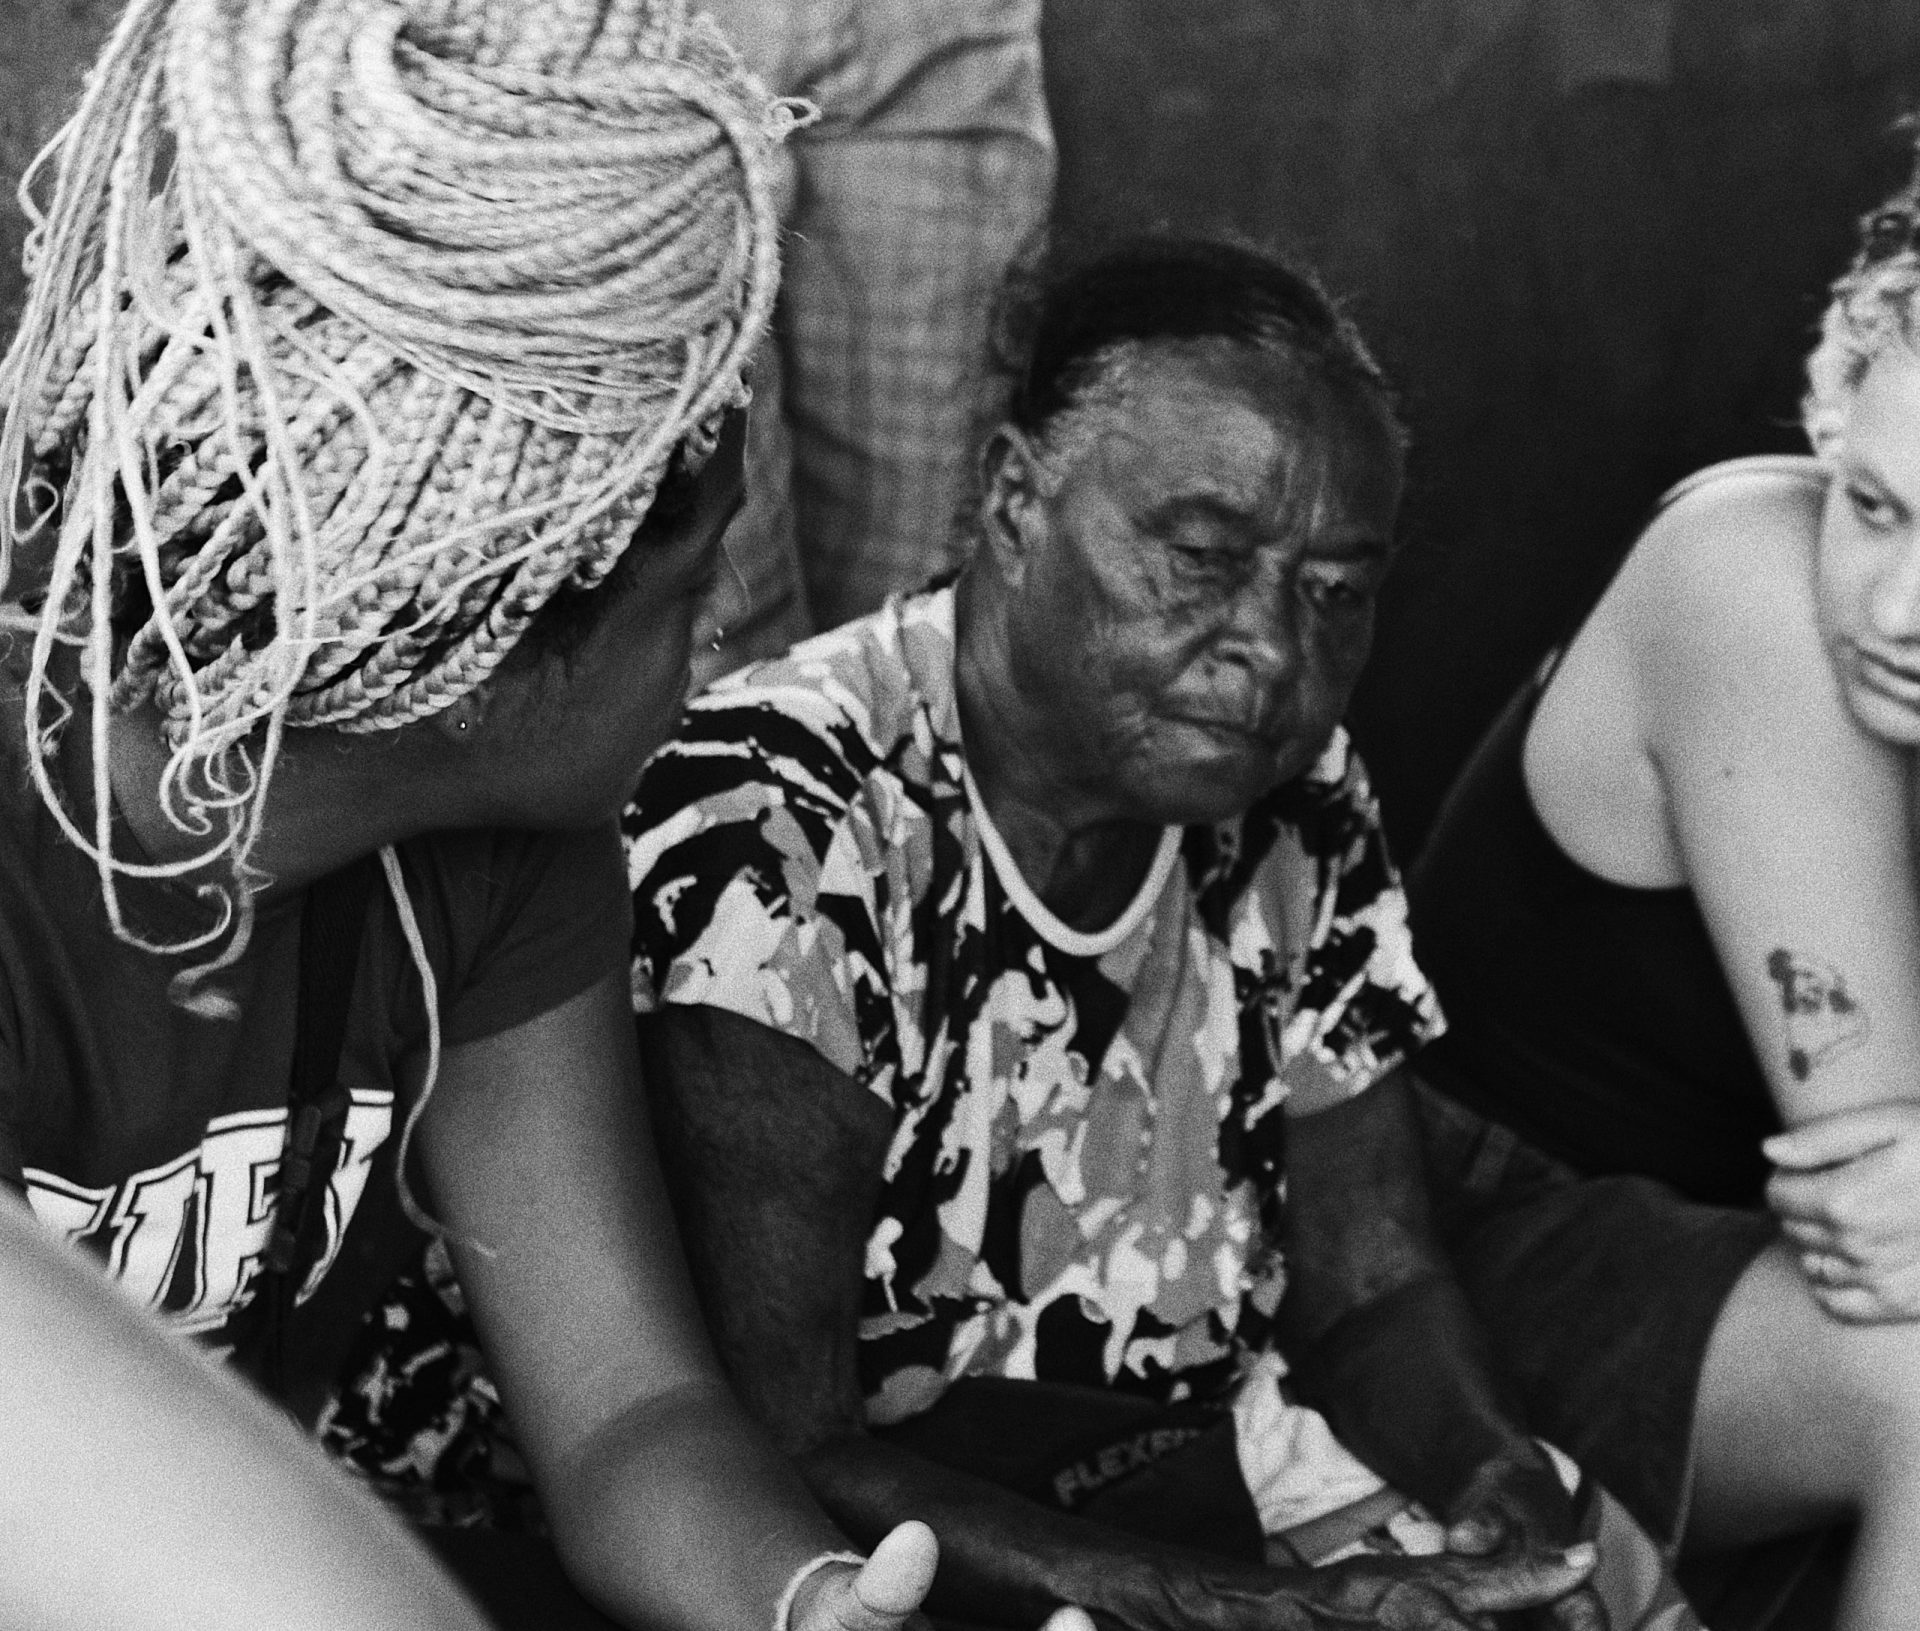 Jovens universitários conversando com senhora da comunidade, imagem em preto e branco